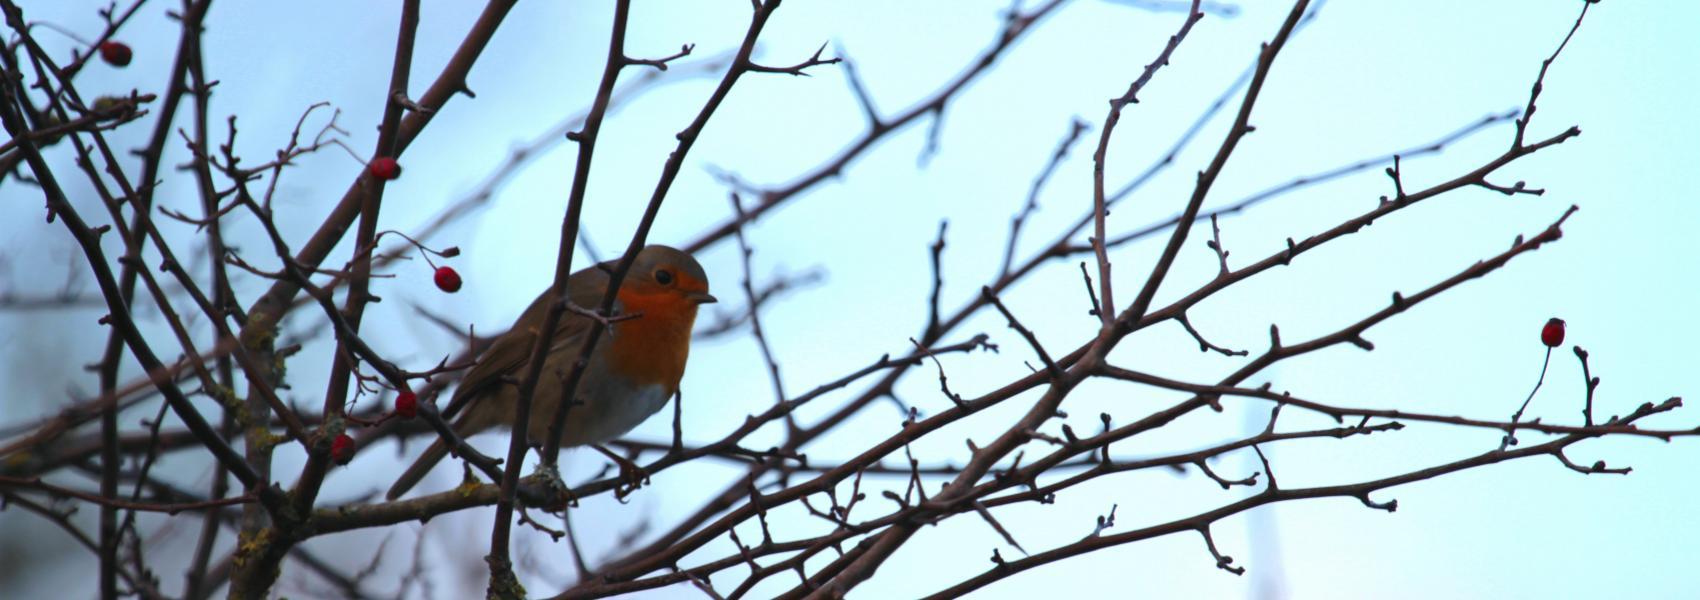 roodborstje in boom